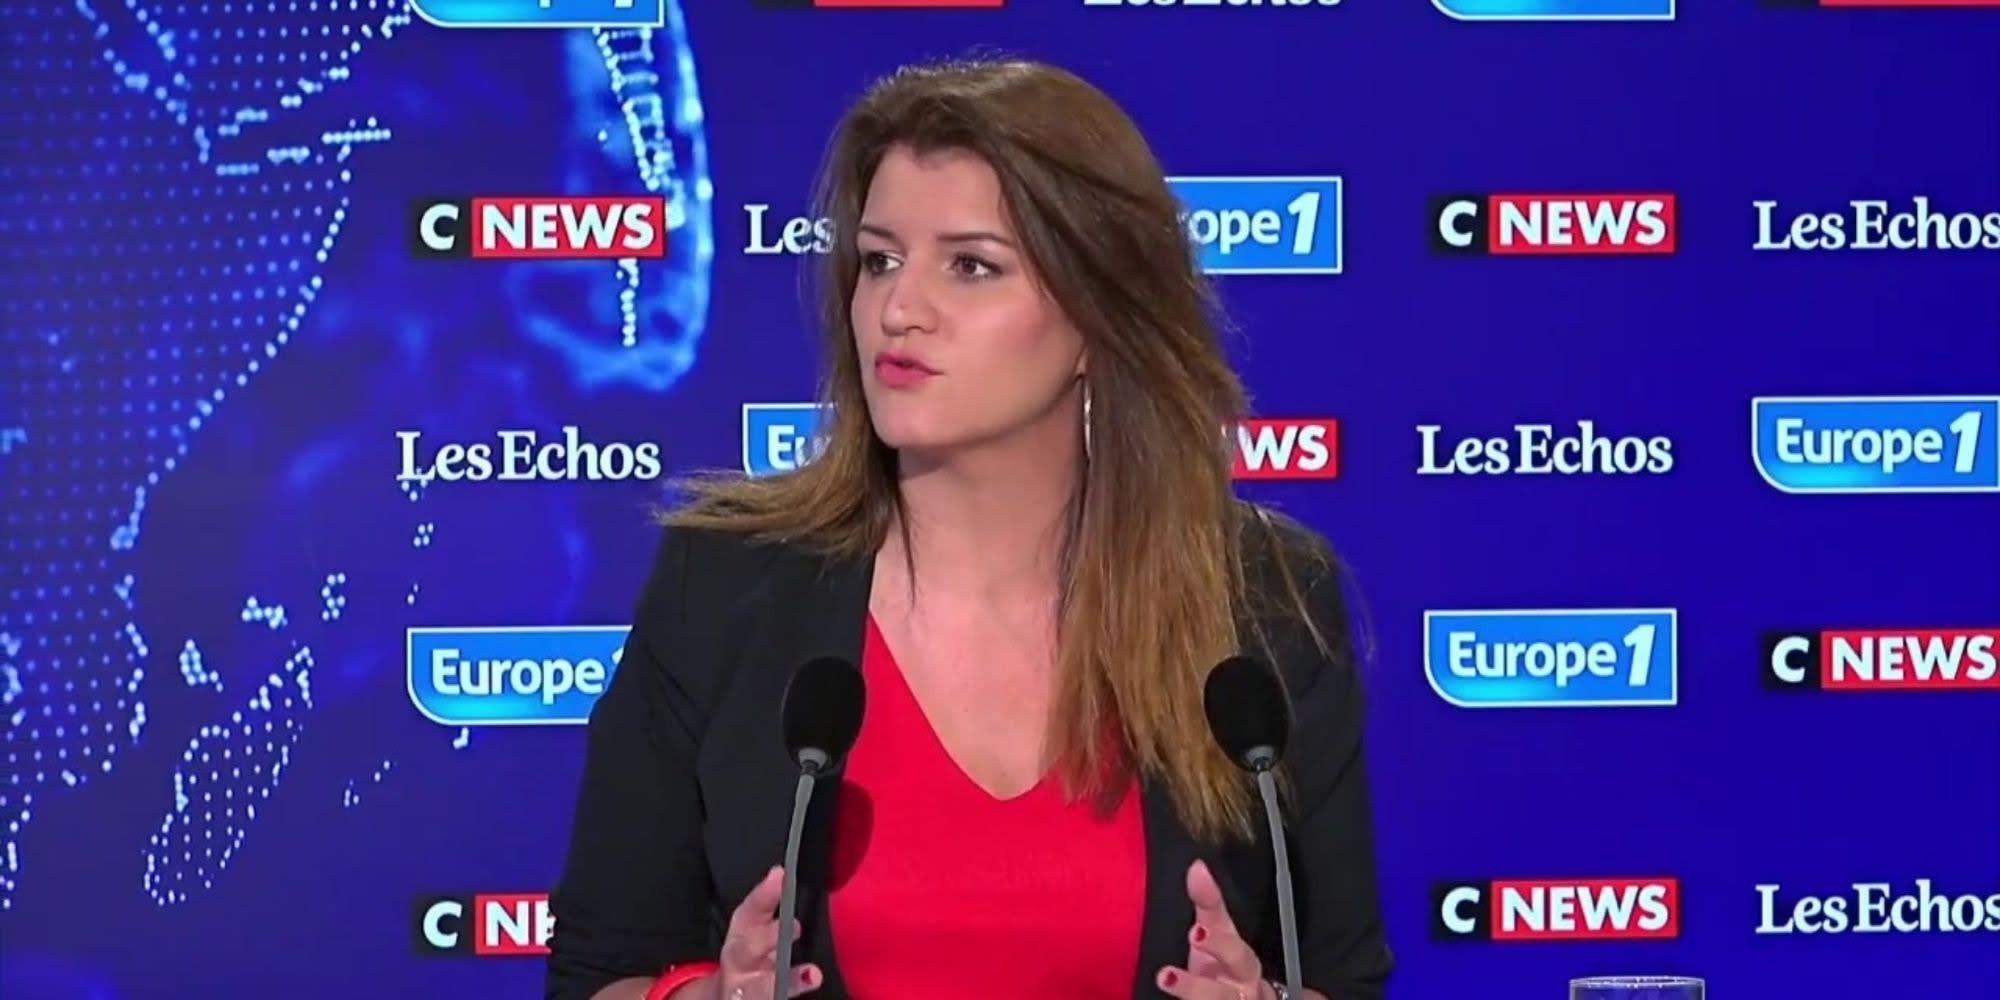 """Zemmour candidat : pour Marlène Schiappa, """"c'est très dangereux de jouer le jeu de l'extrême droite"""""""